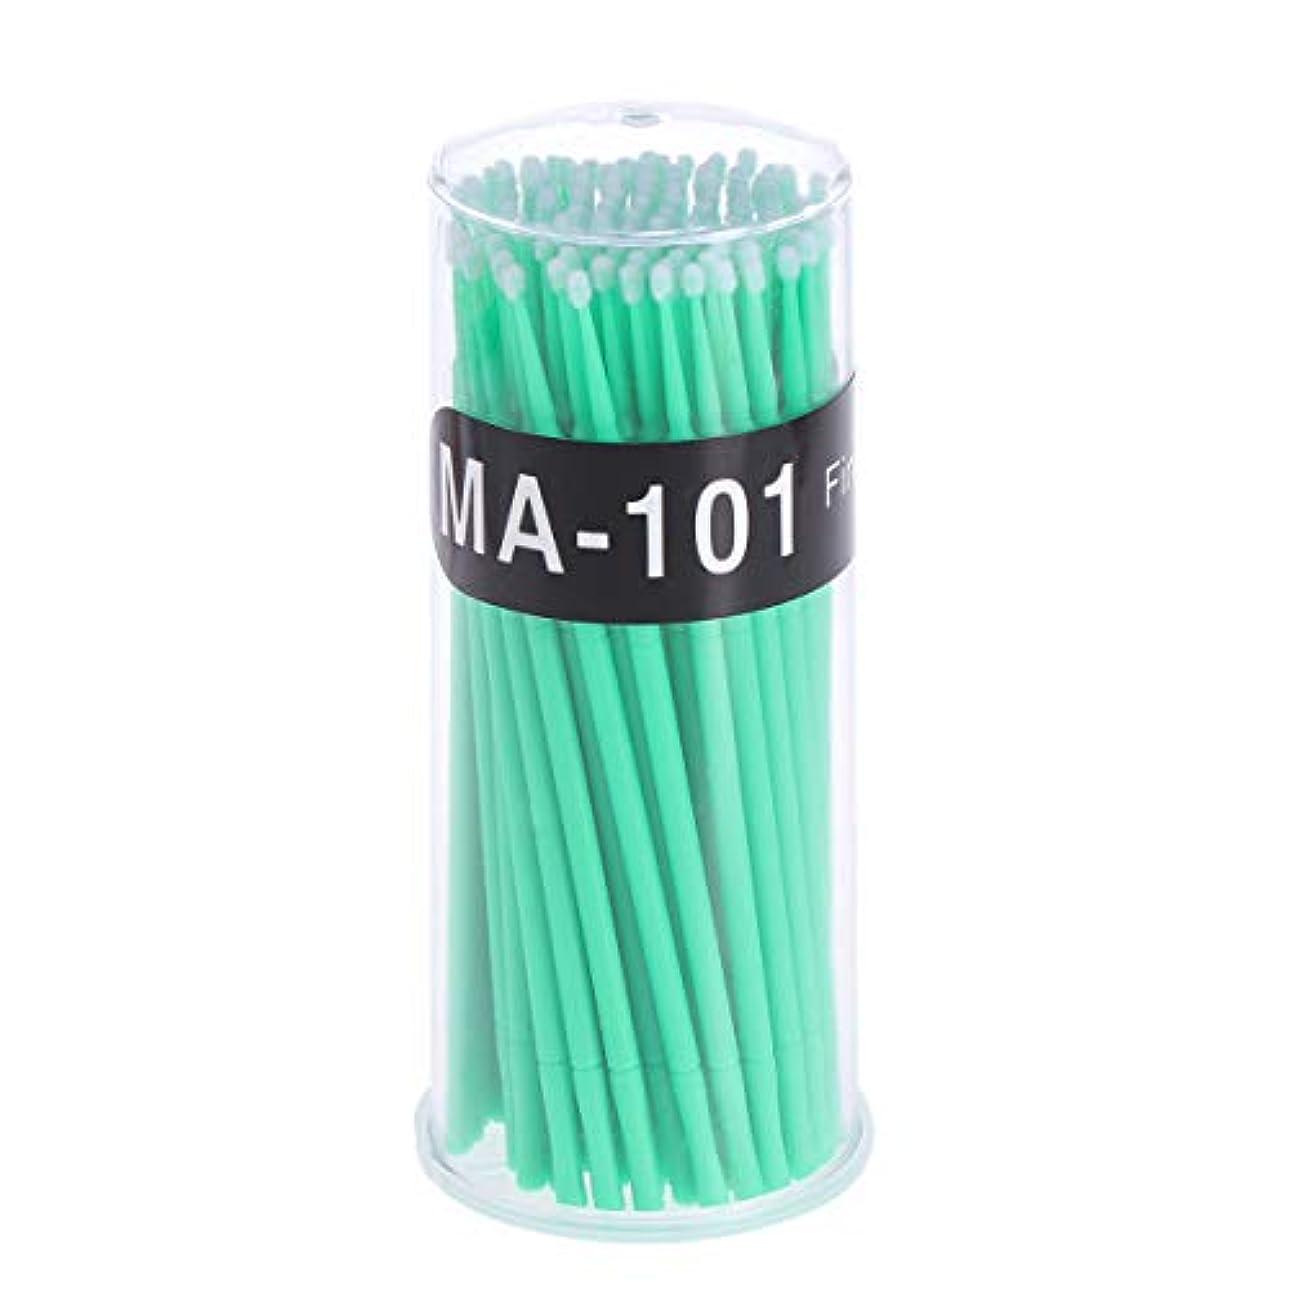 理想的には衣類マットレス100個使い捨てマイクロアプリケータブラシまつげエクステンション綿棒まつげマイクロブラシワンドメイクアップツール(グリーン、ブラシ直径2mm)